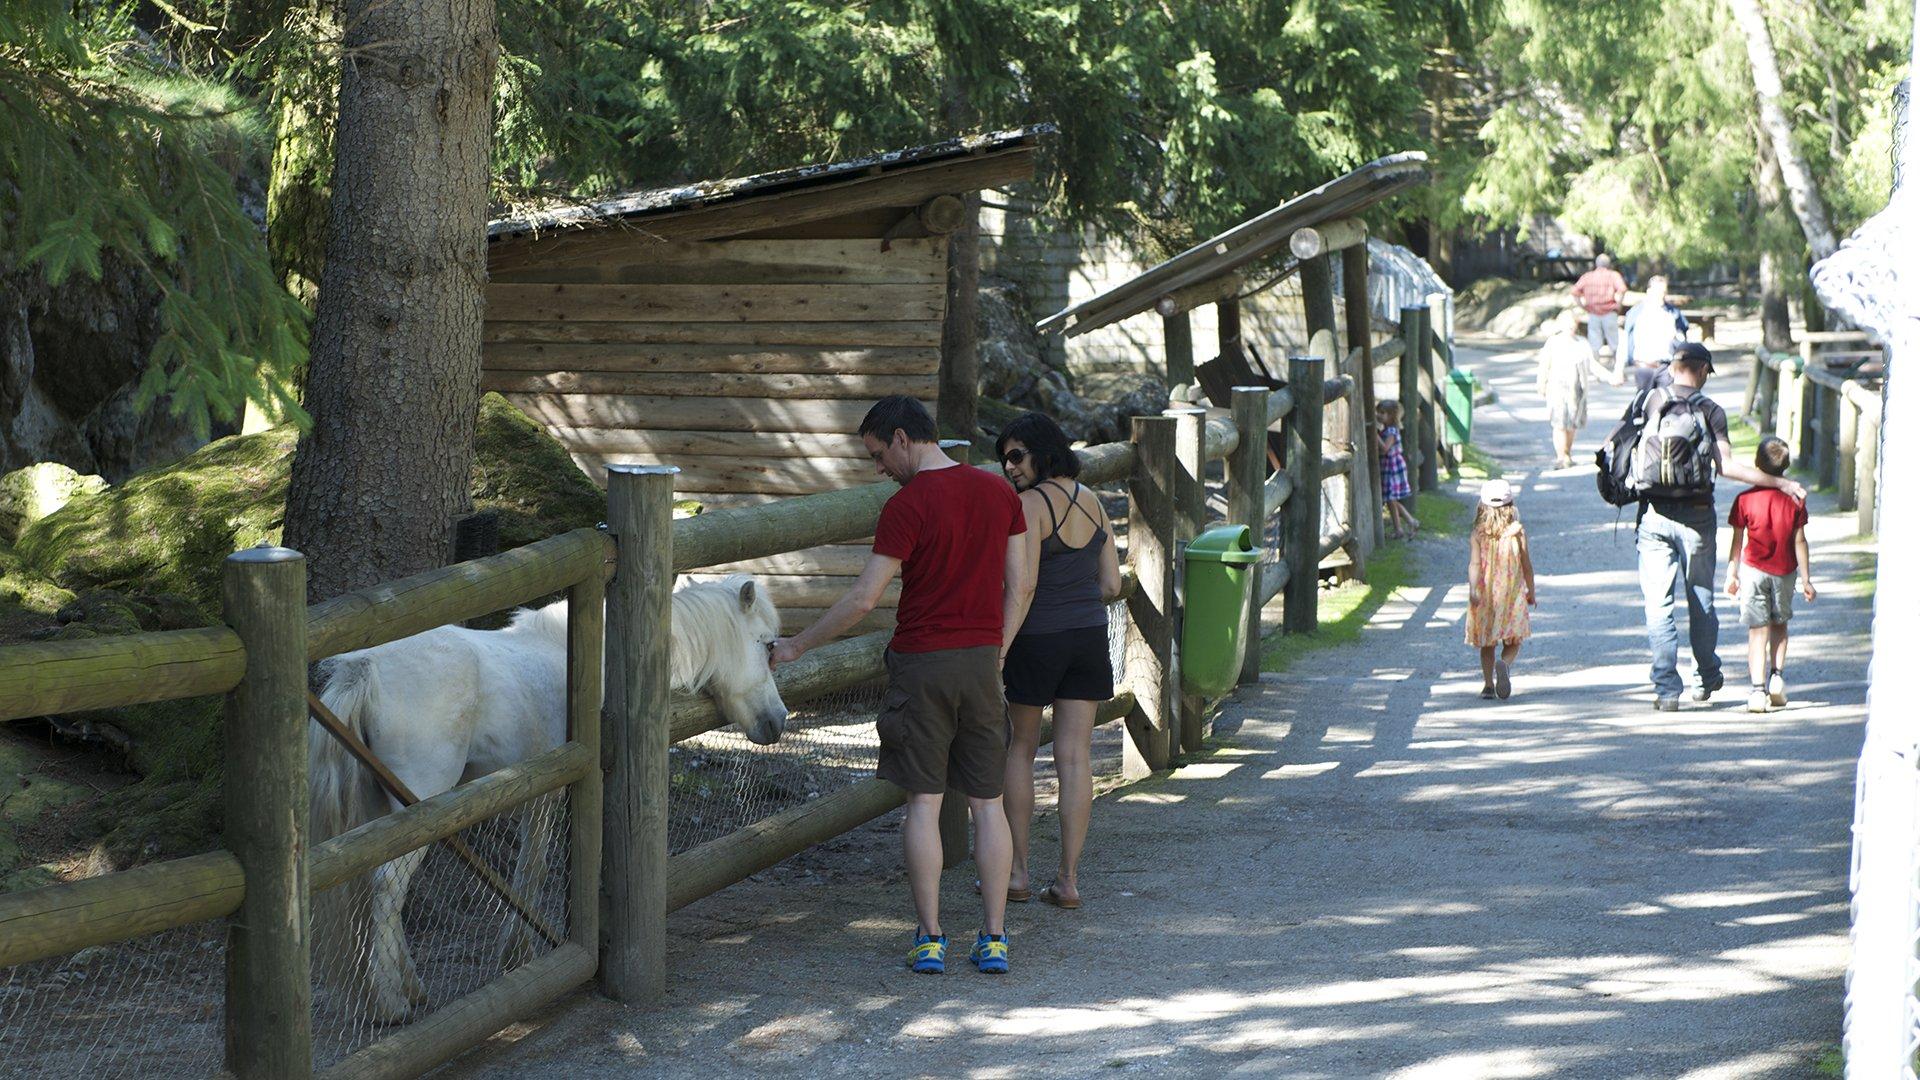 Visite guidée du zoo et matinée nourrissage